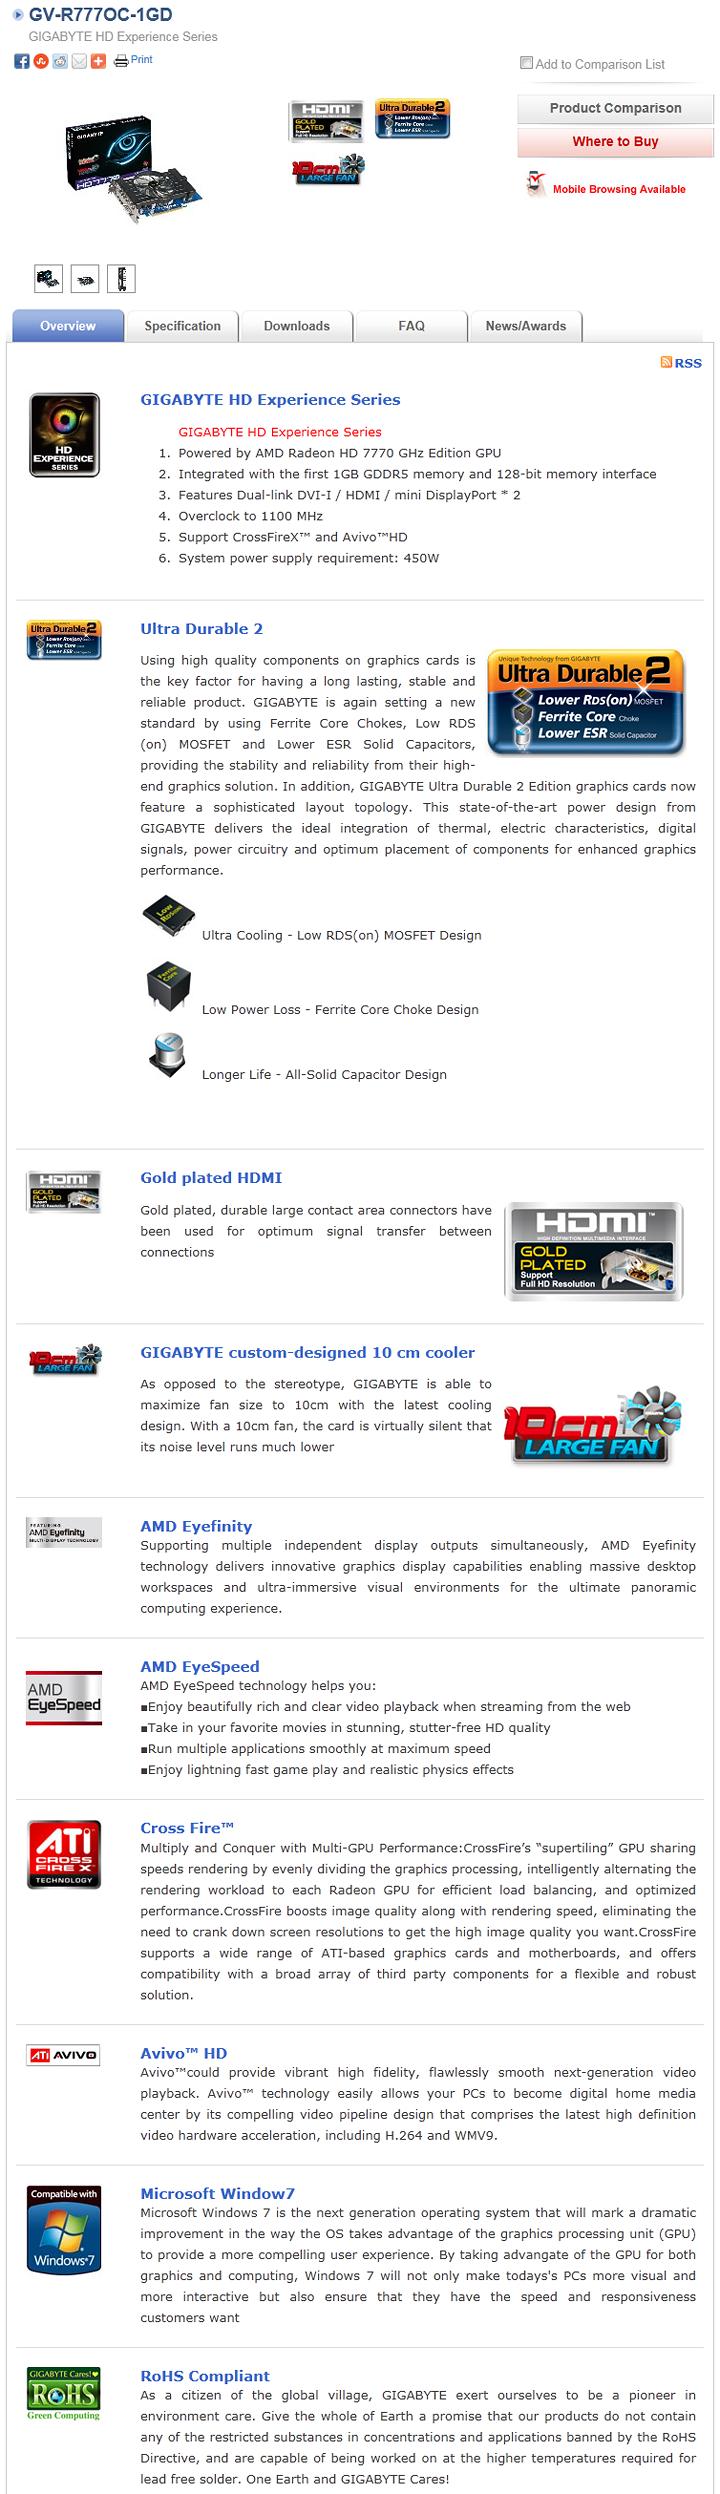 หน้าที่ 1 - GIGABYTE AMD Radeon HD7770 GHz Edition | Vmodtech com